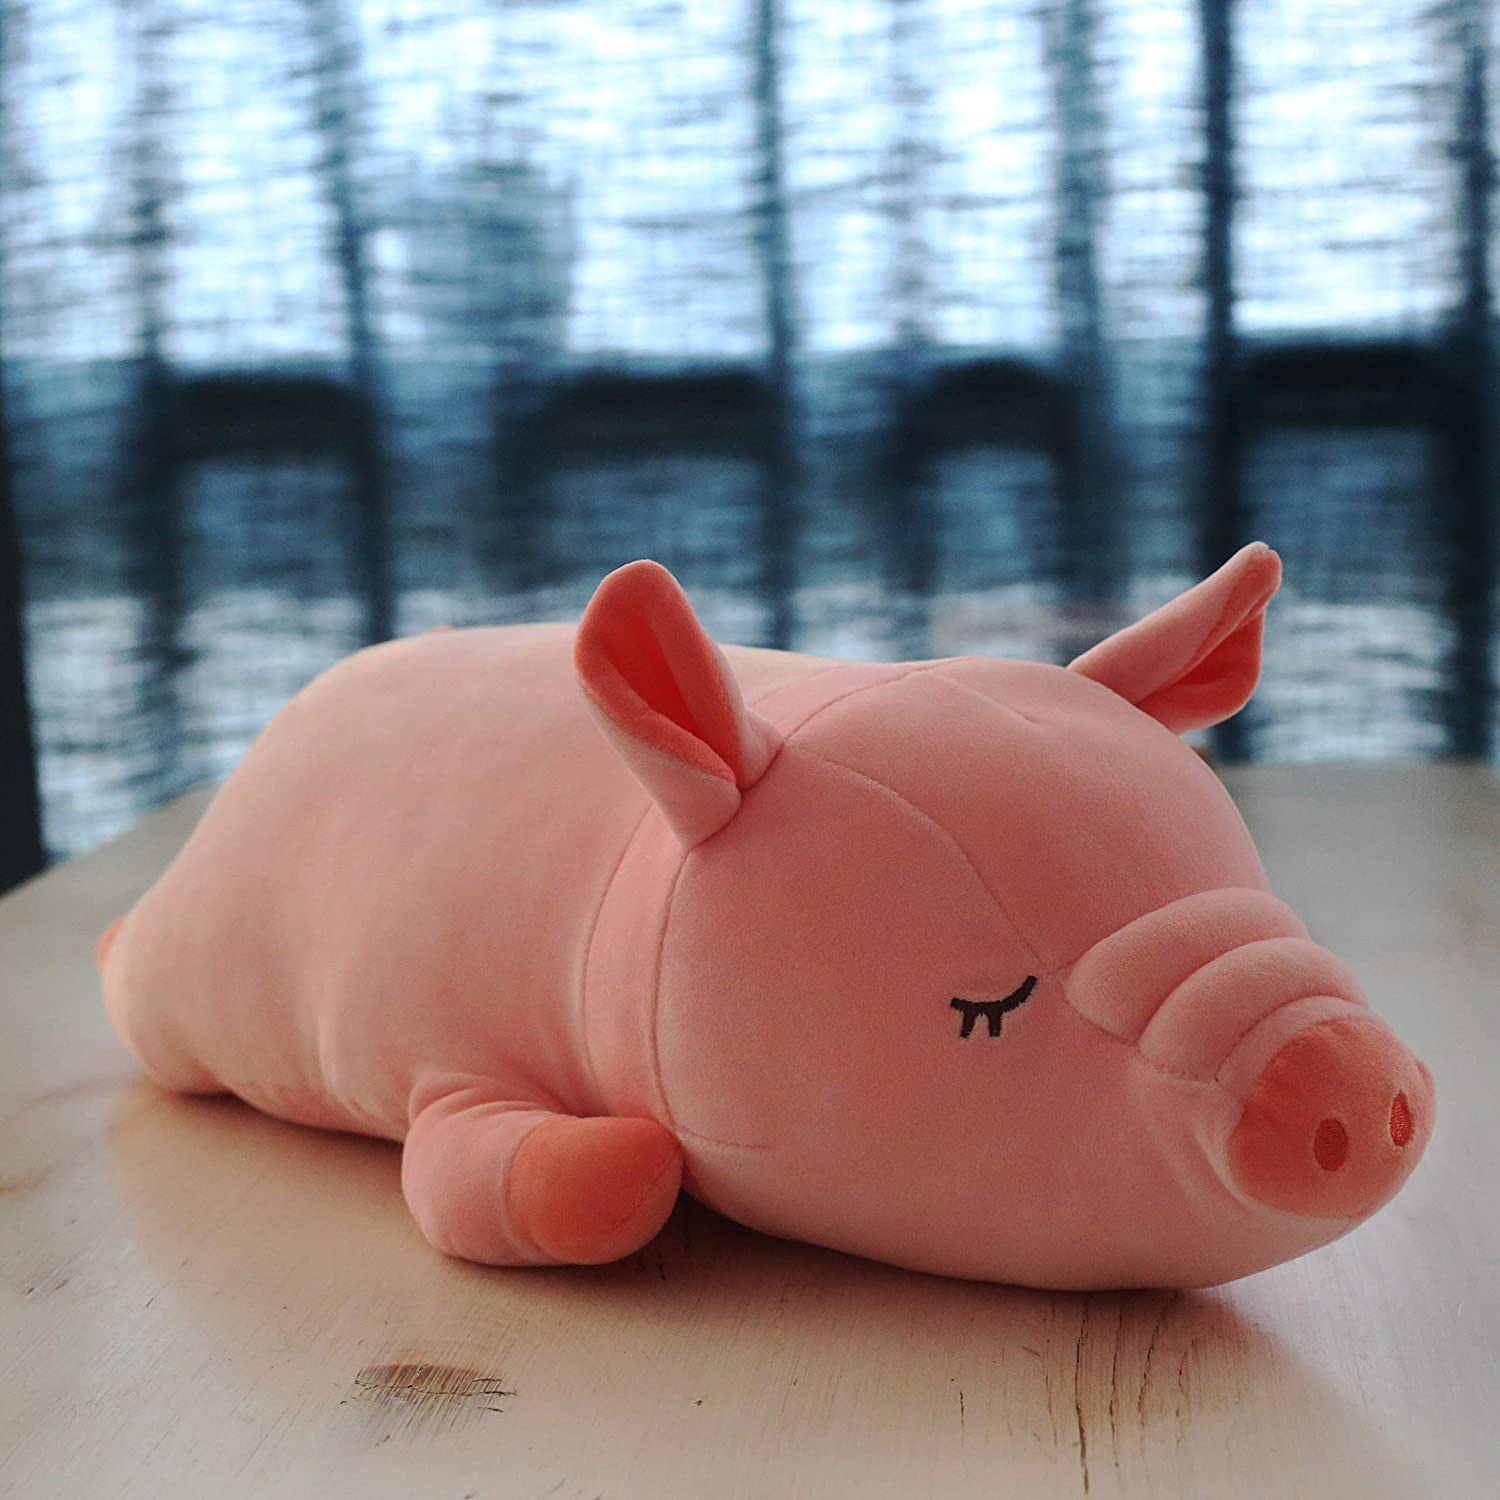 70 Cm pink Schwein DONGER Puppe Pulver Schwein Kissen Freundin Puppe Geburtstagsgeschenk, pink Zerschmetterndes Schwein, 70 cm